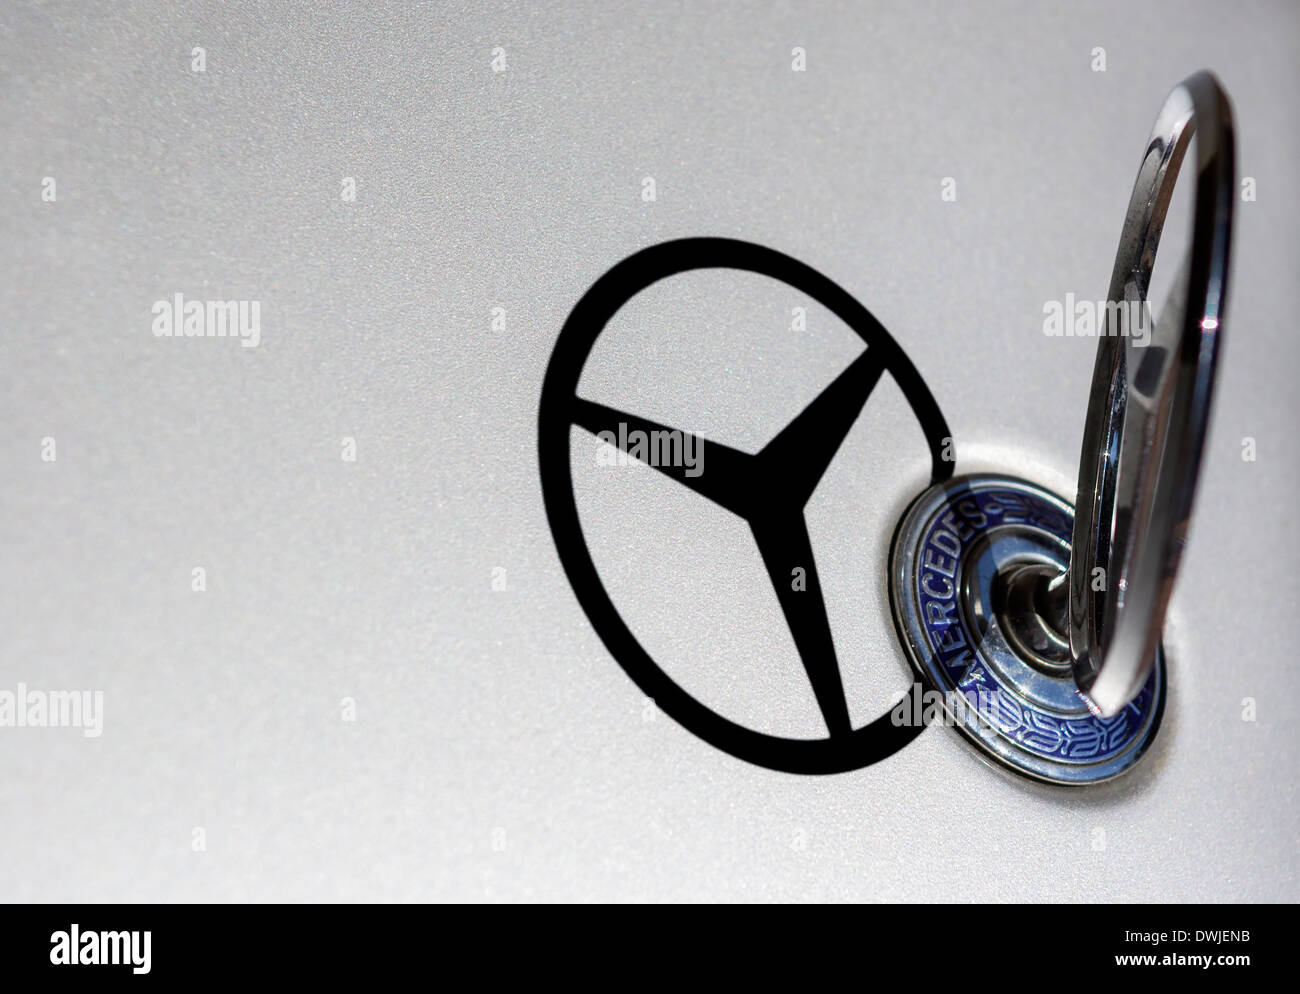 Mercedes Star Emblem Stock Photos & Mercedes Star Emblem